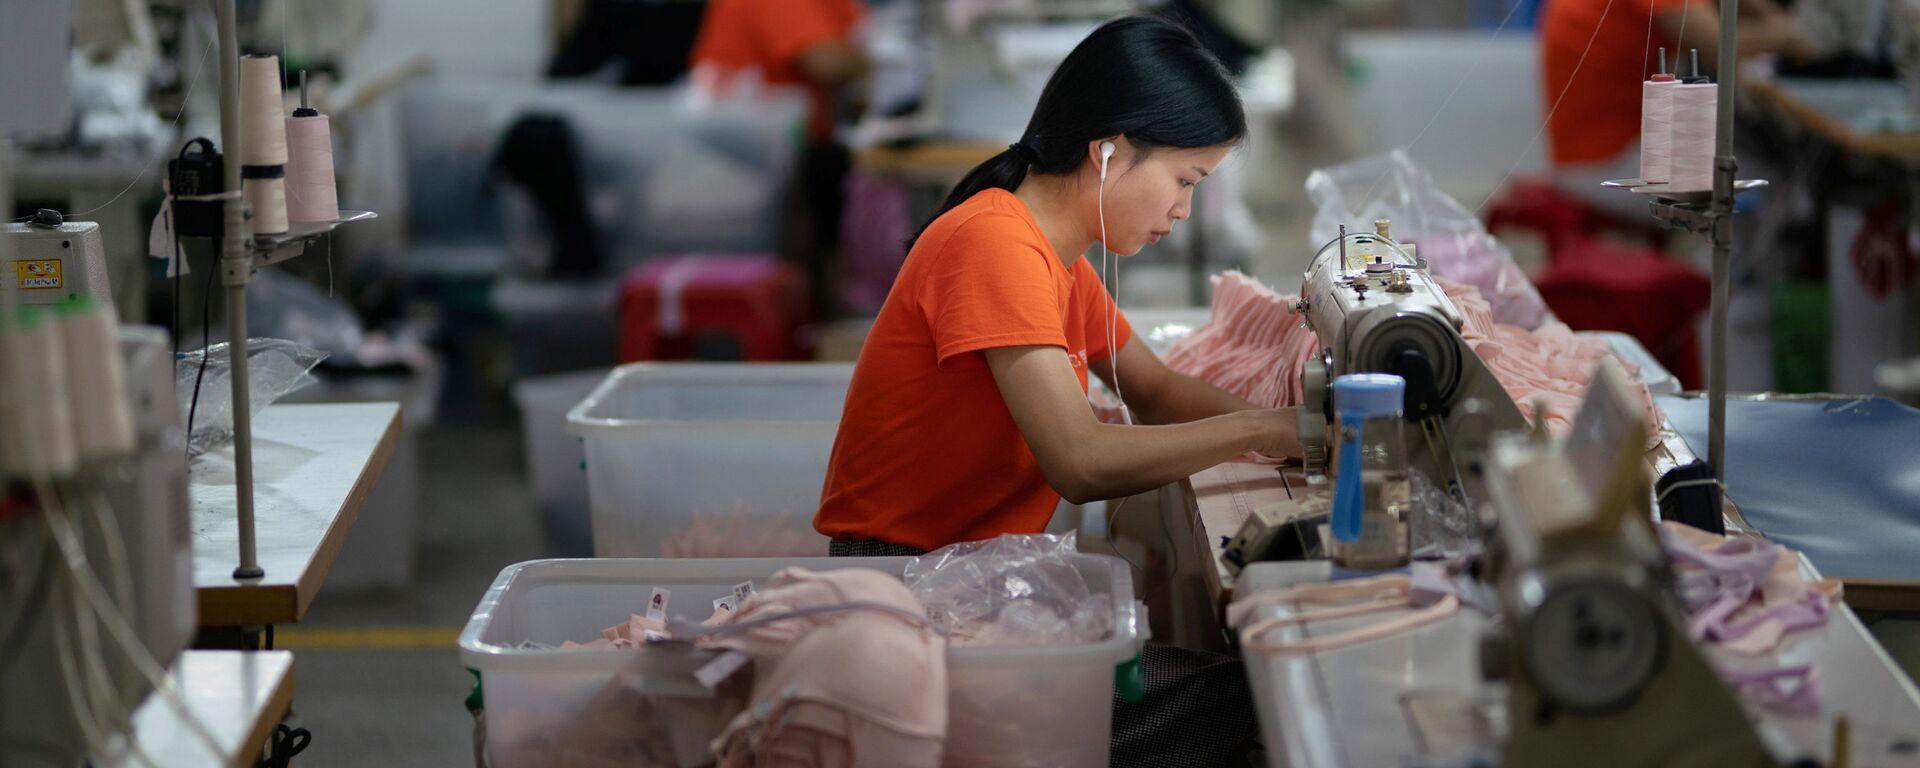 Nữ công nhân xí nghiệp may ở thành phố Đông Quan (Trung Quốc). - Sputnik Việt Nam, 1920, 30.09.2021